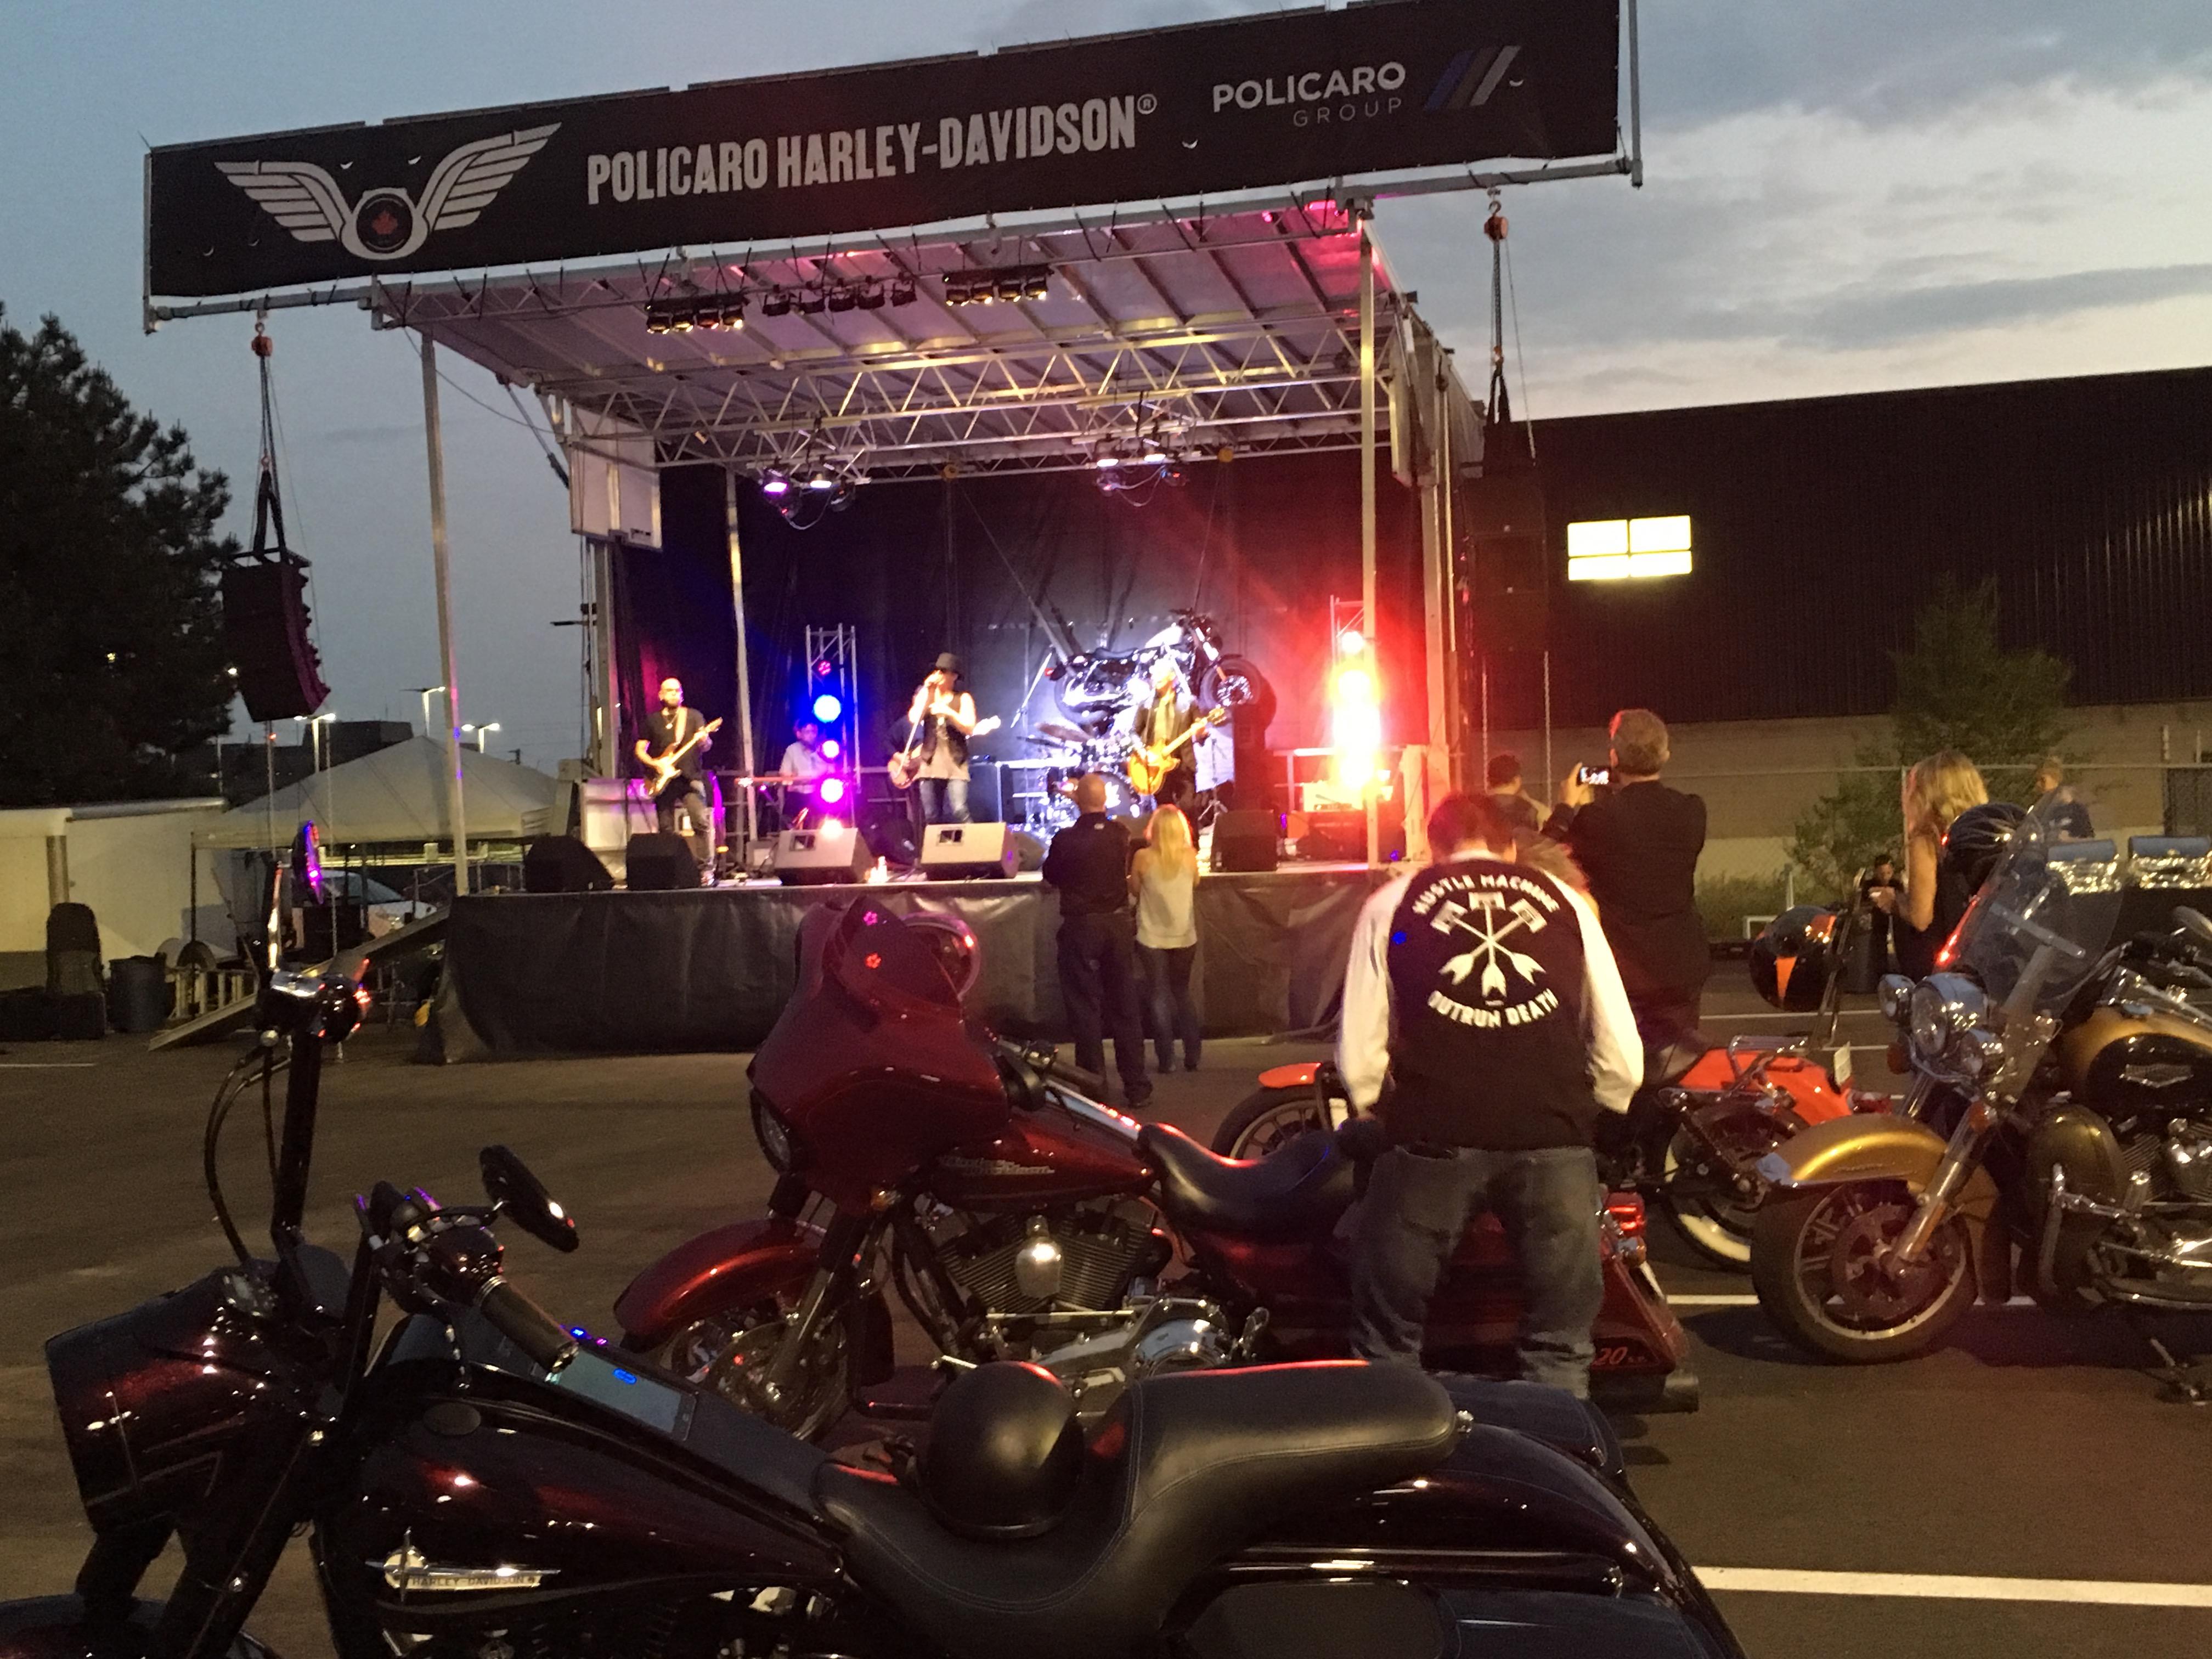 SL100 Policaro Harley Davidson Grand Opening